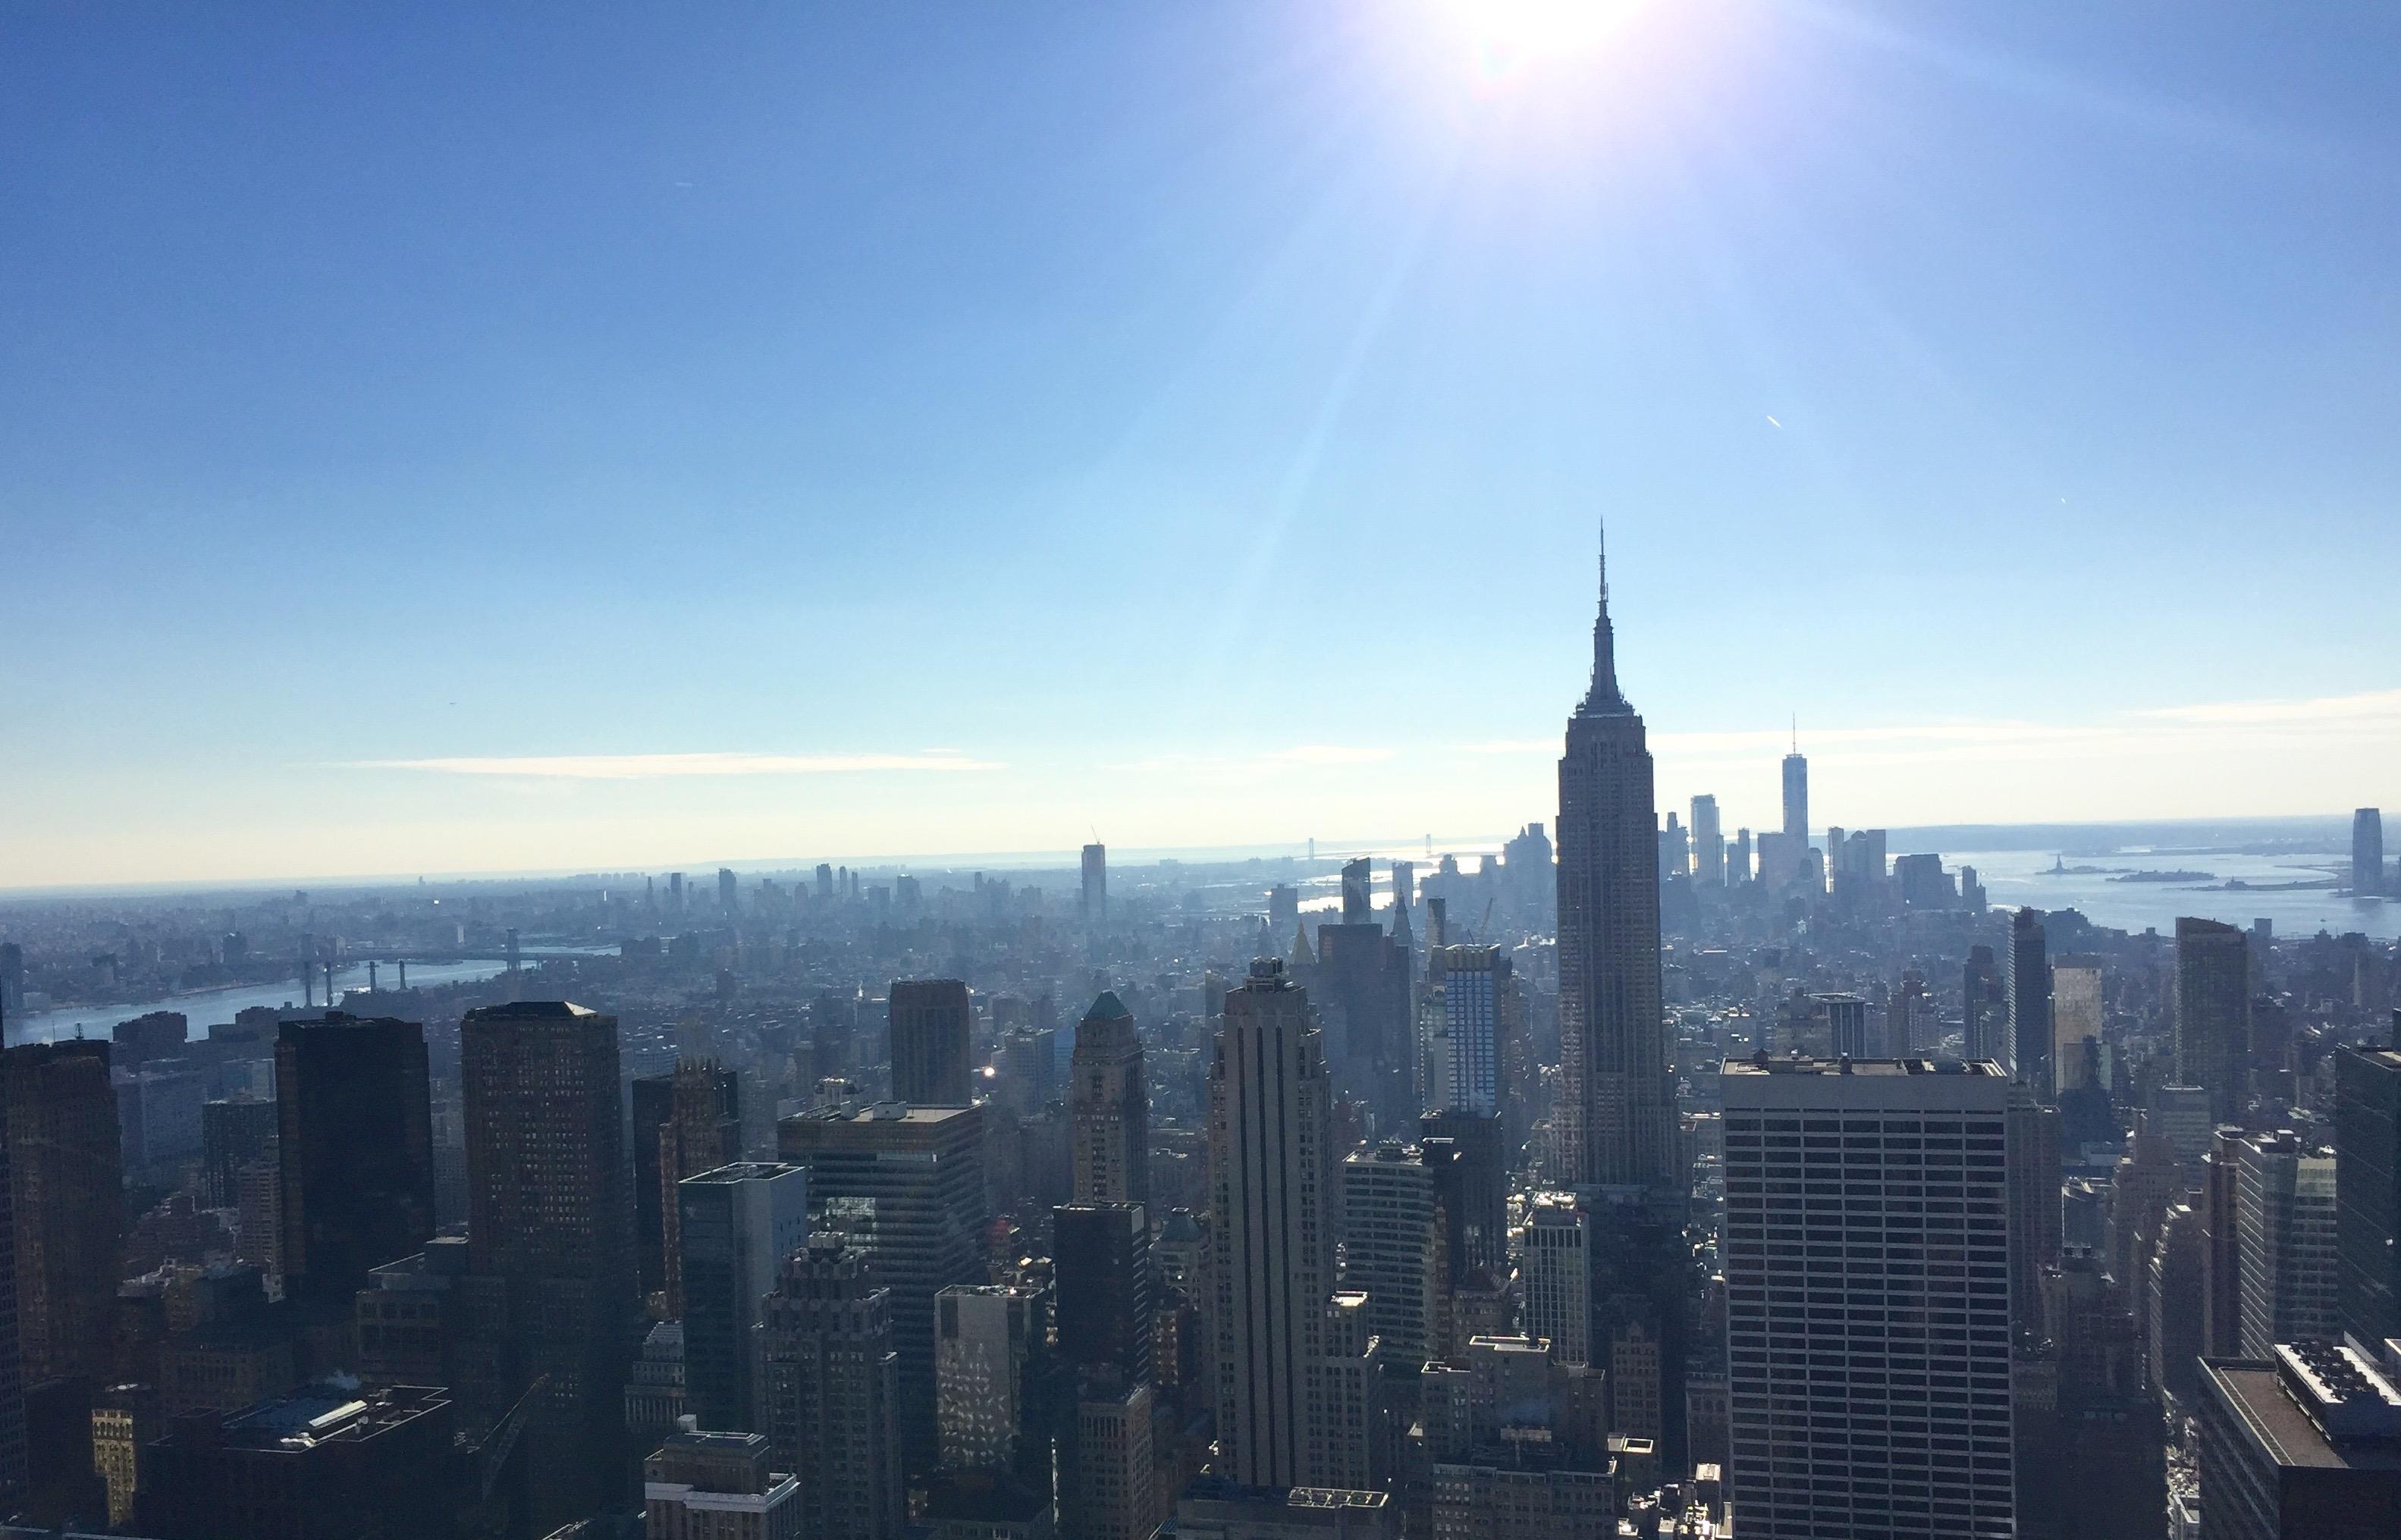 Vy över New York från Rockefeller center